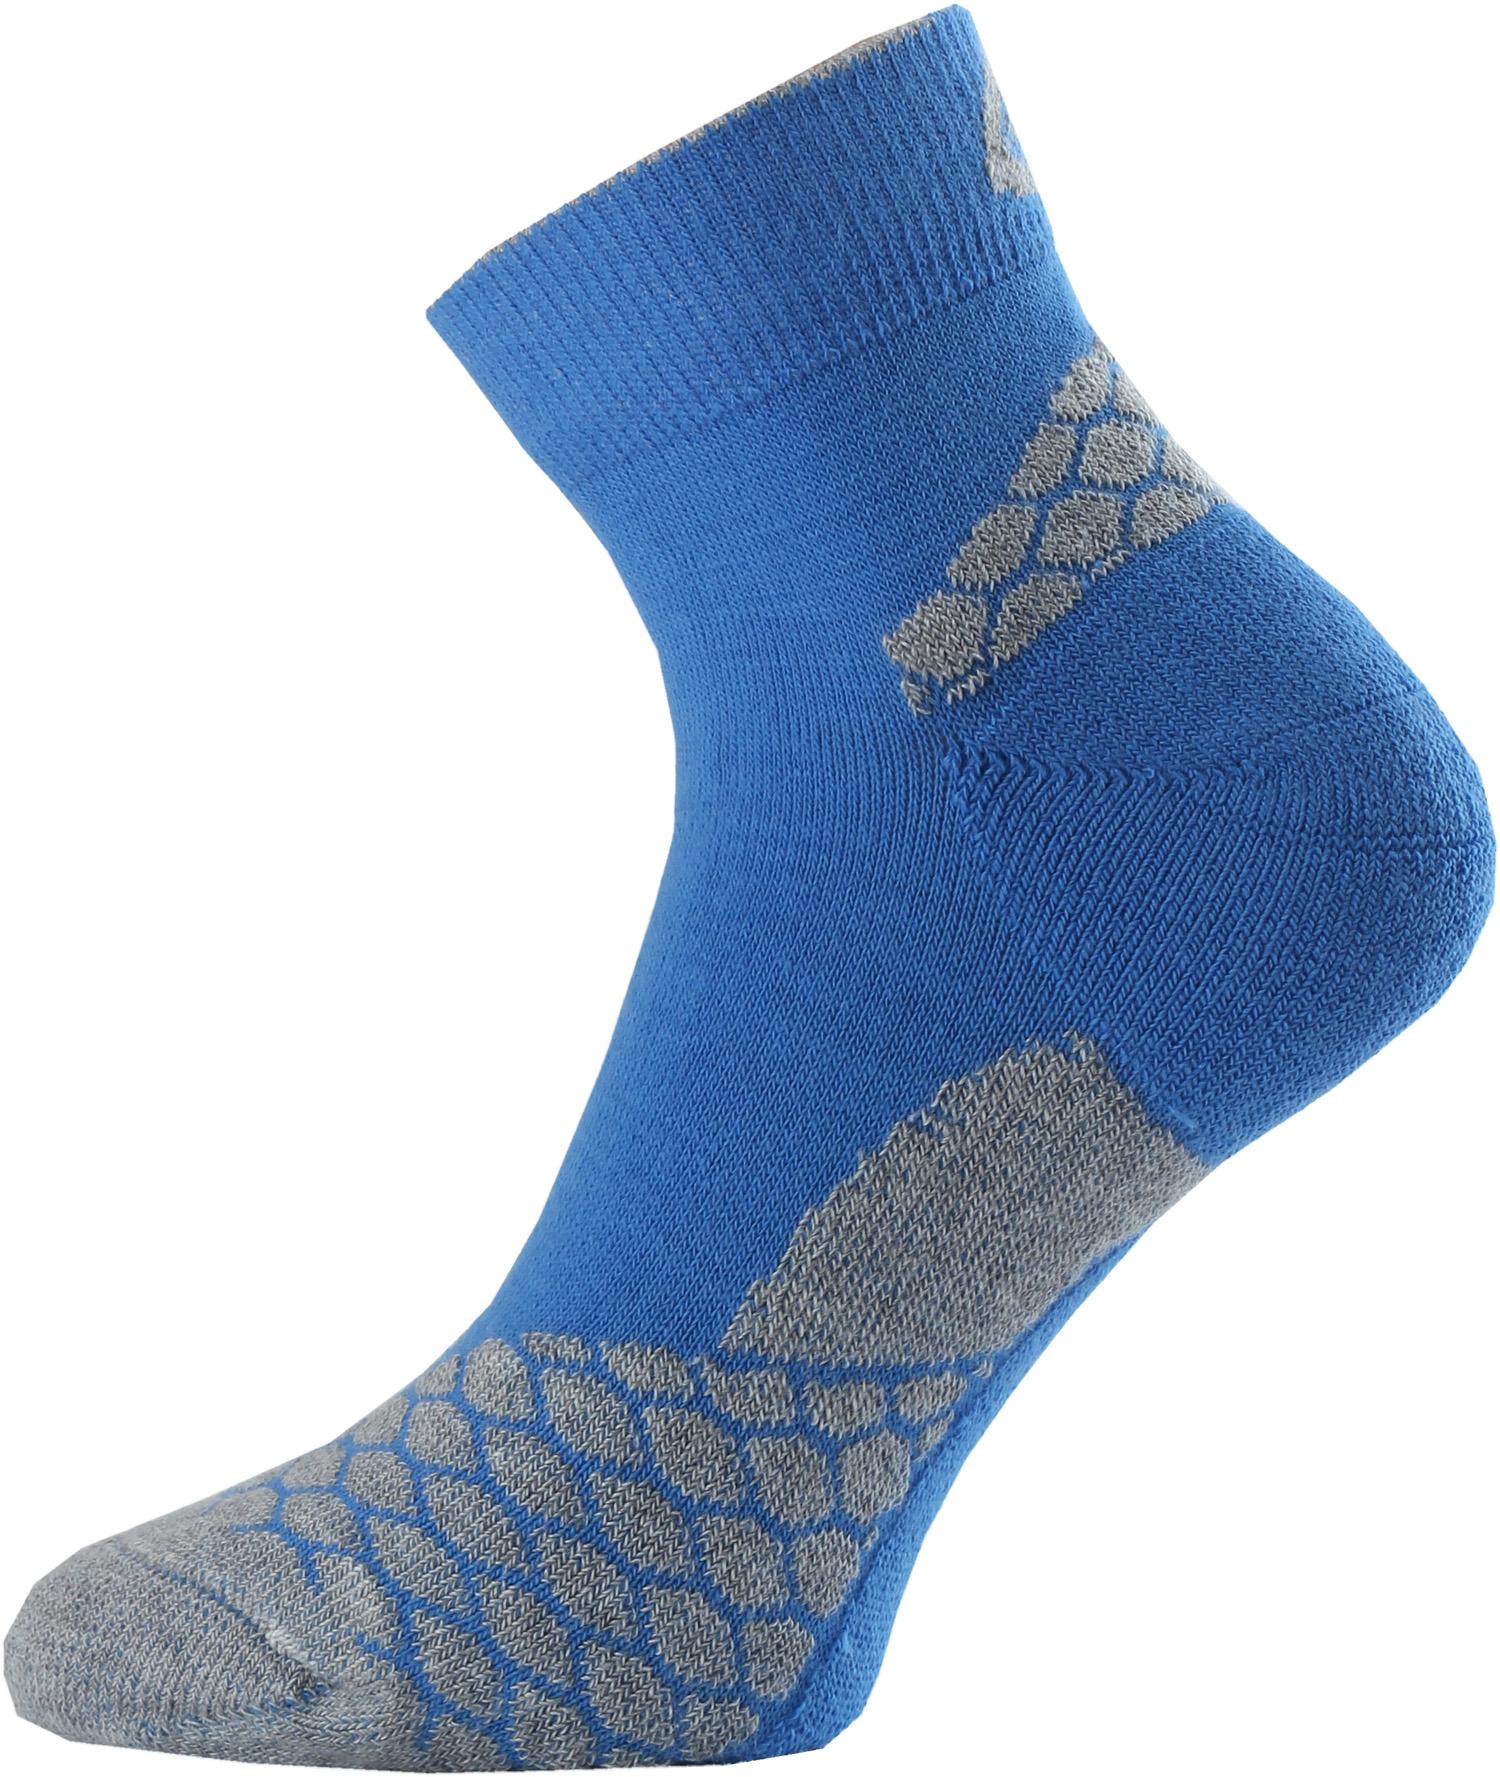 Lasting RON 508 modrá běžecké ponožky Velikost: (34-37) S možnost vrácení do 12.1.2018